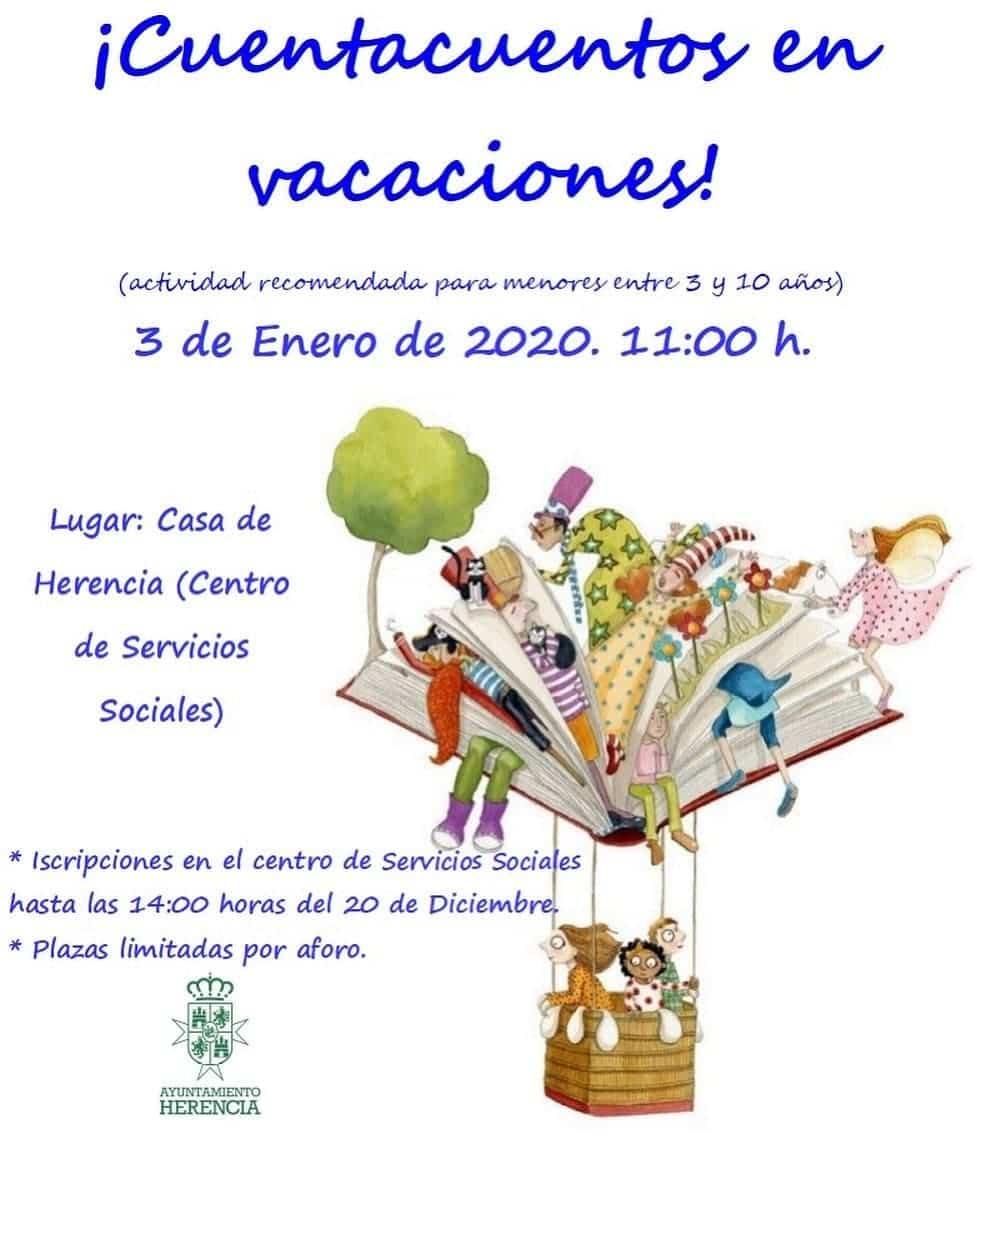 cuentacuentos vacaciones 2019 - Cuentacuentos en vacaciones de navidad en Herencia